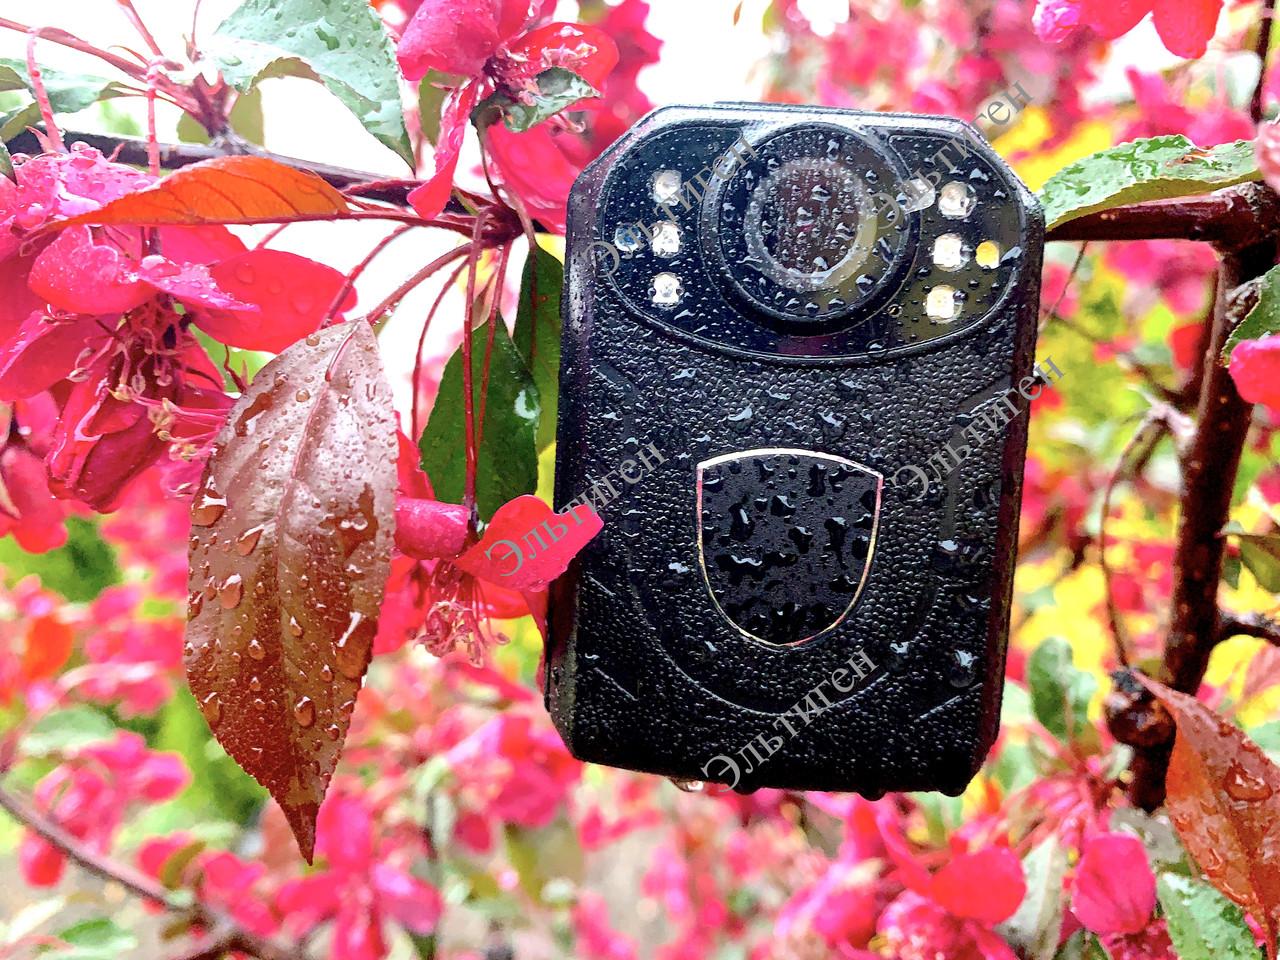 Нагрудная полицейская камера Protect 24-R, 64 Гб., 2020 г.в.